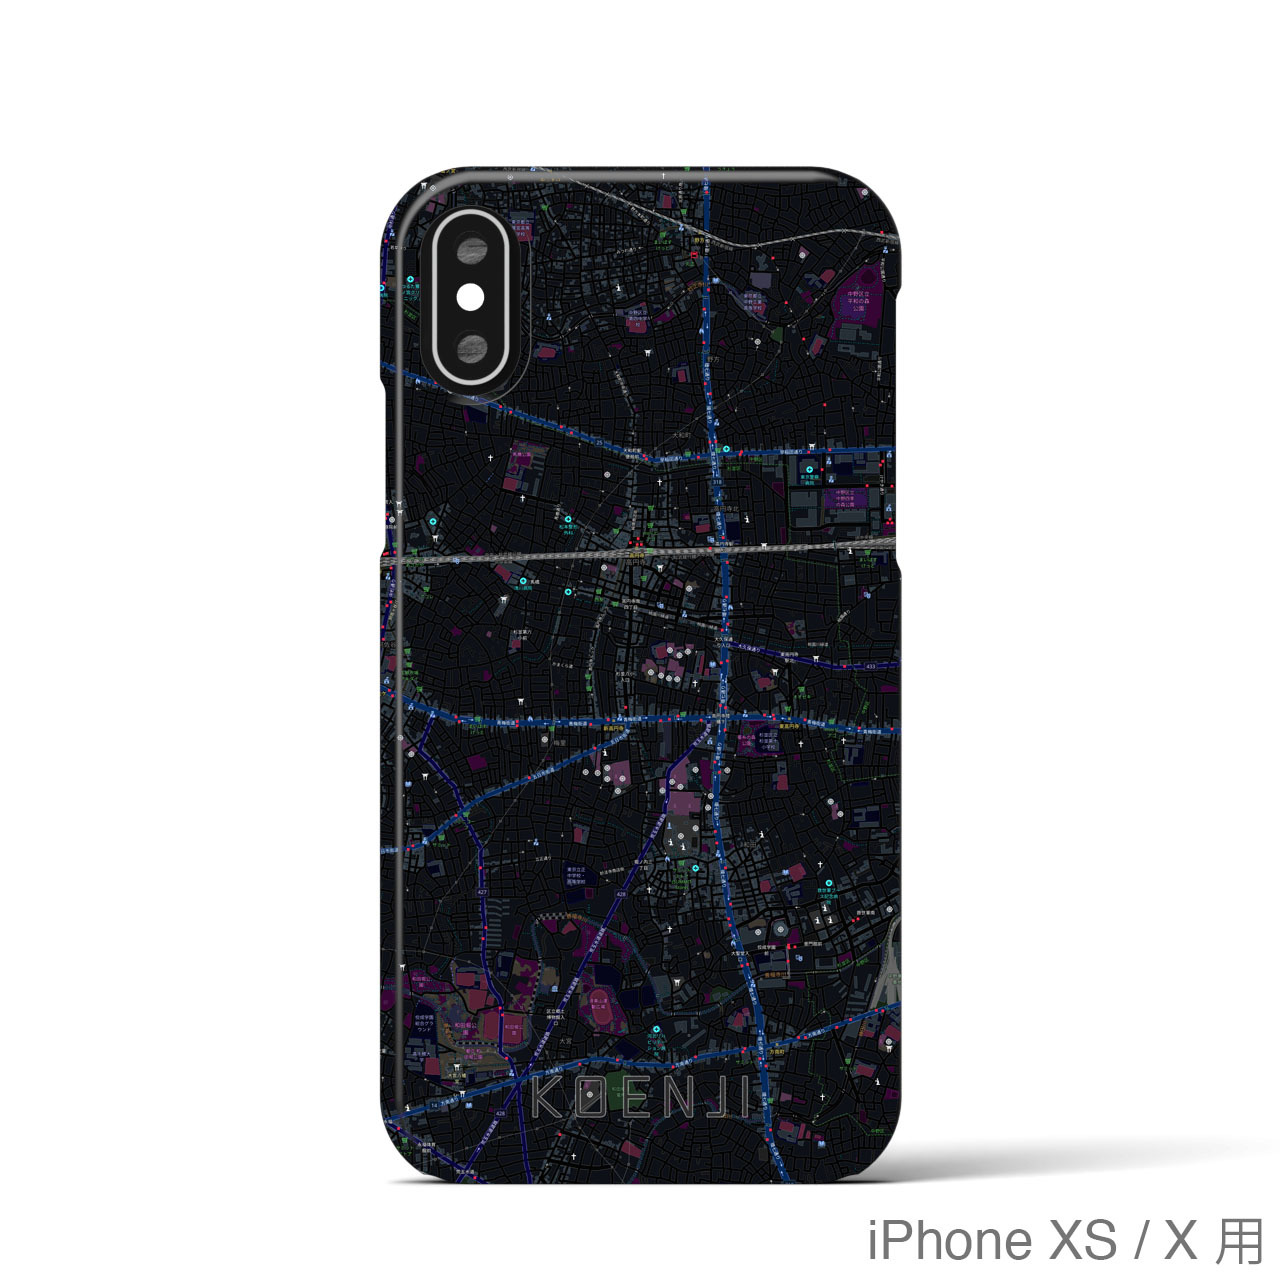 【高円寺】地図柄iPhoneケース(バックカバータイプ・ブラック)